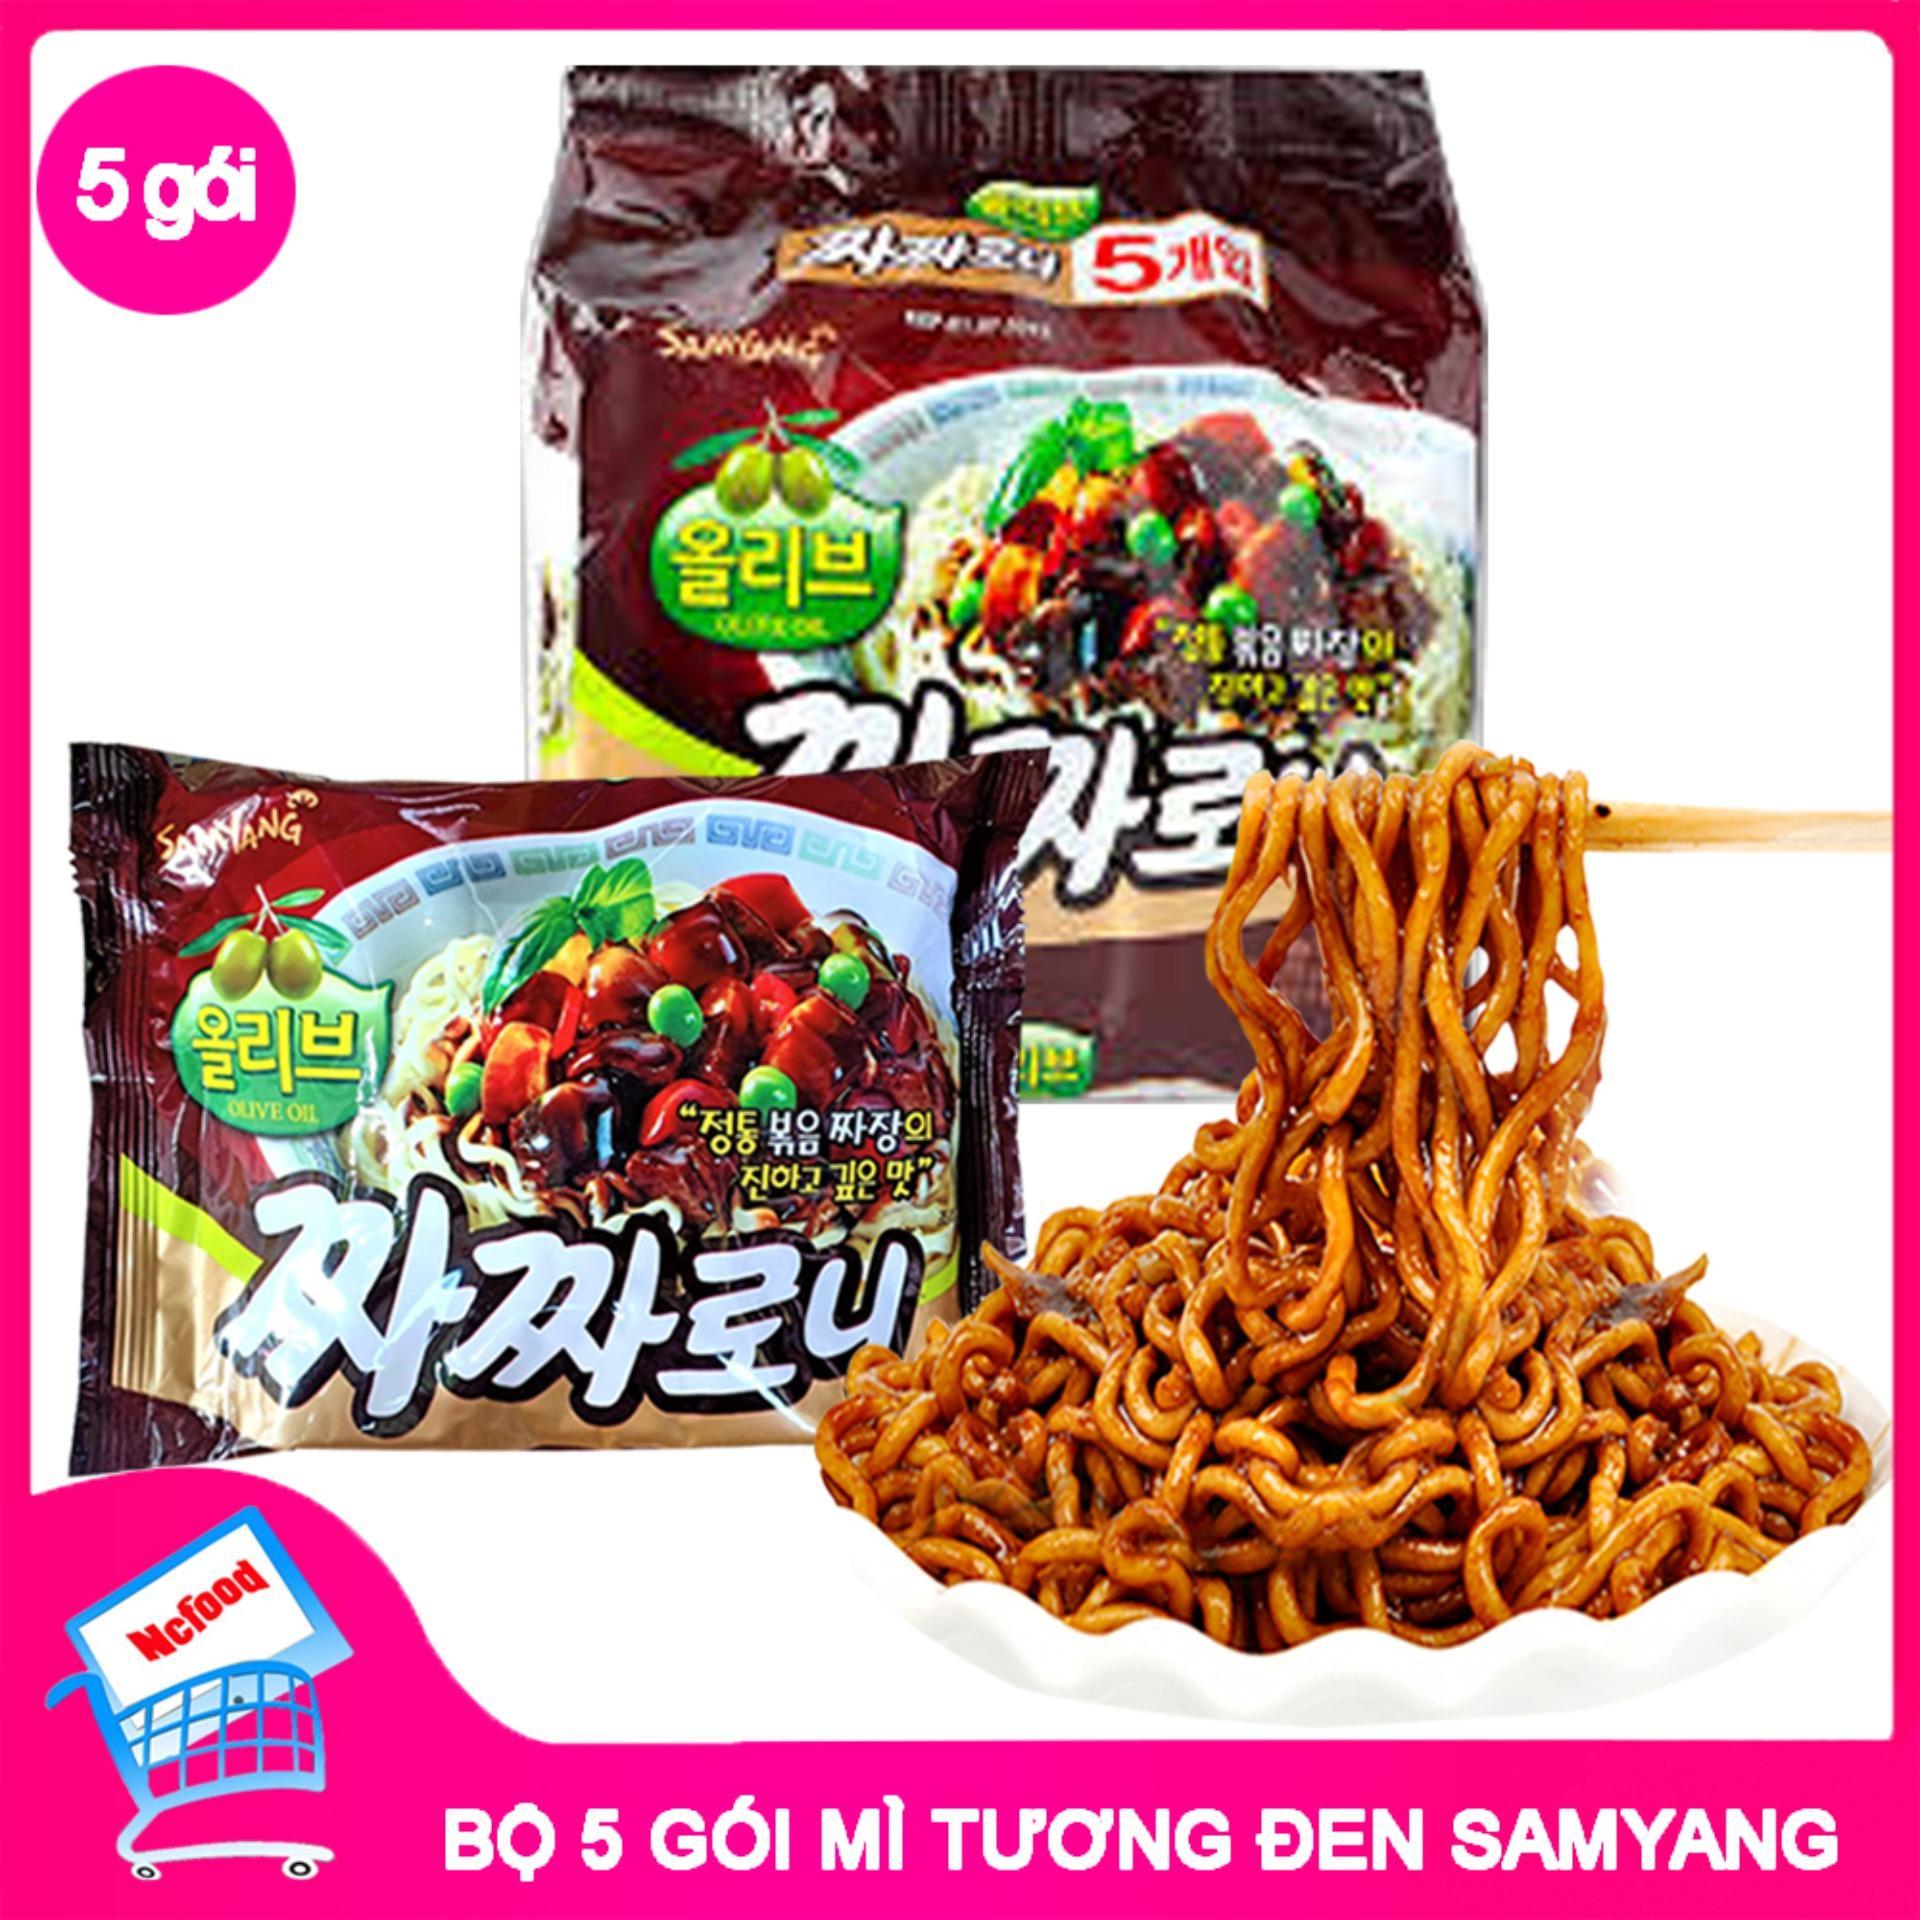 Mì Tương Đen Hàn Quốc Samyang 200gr ( Lốc 5 Gói) (NCFOODVN) Giá Rẻ Bất Ngờ